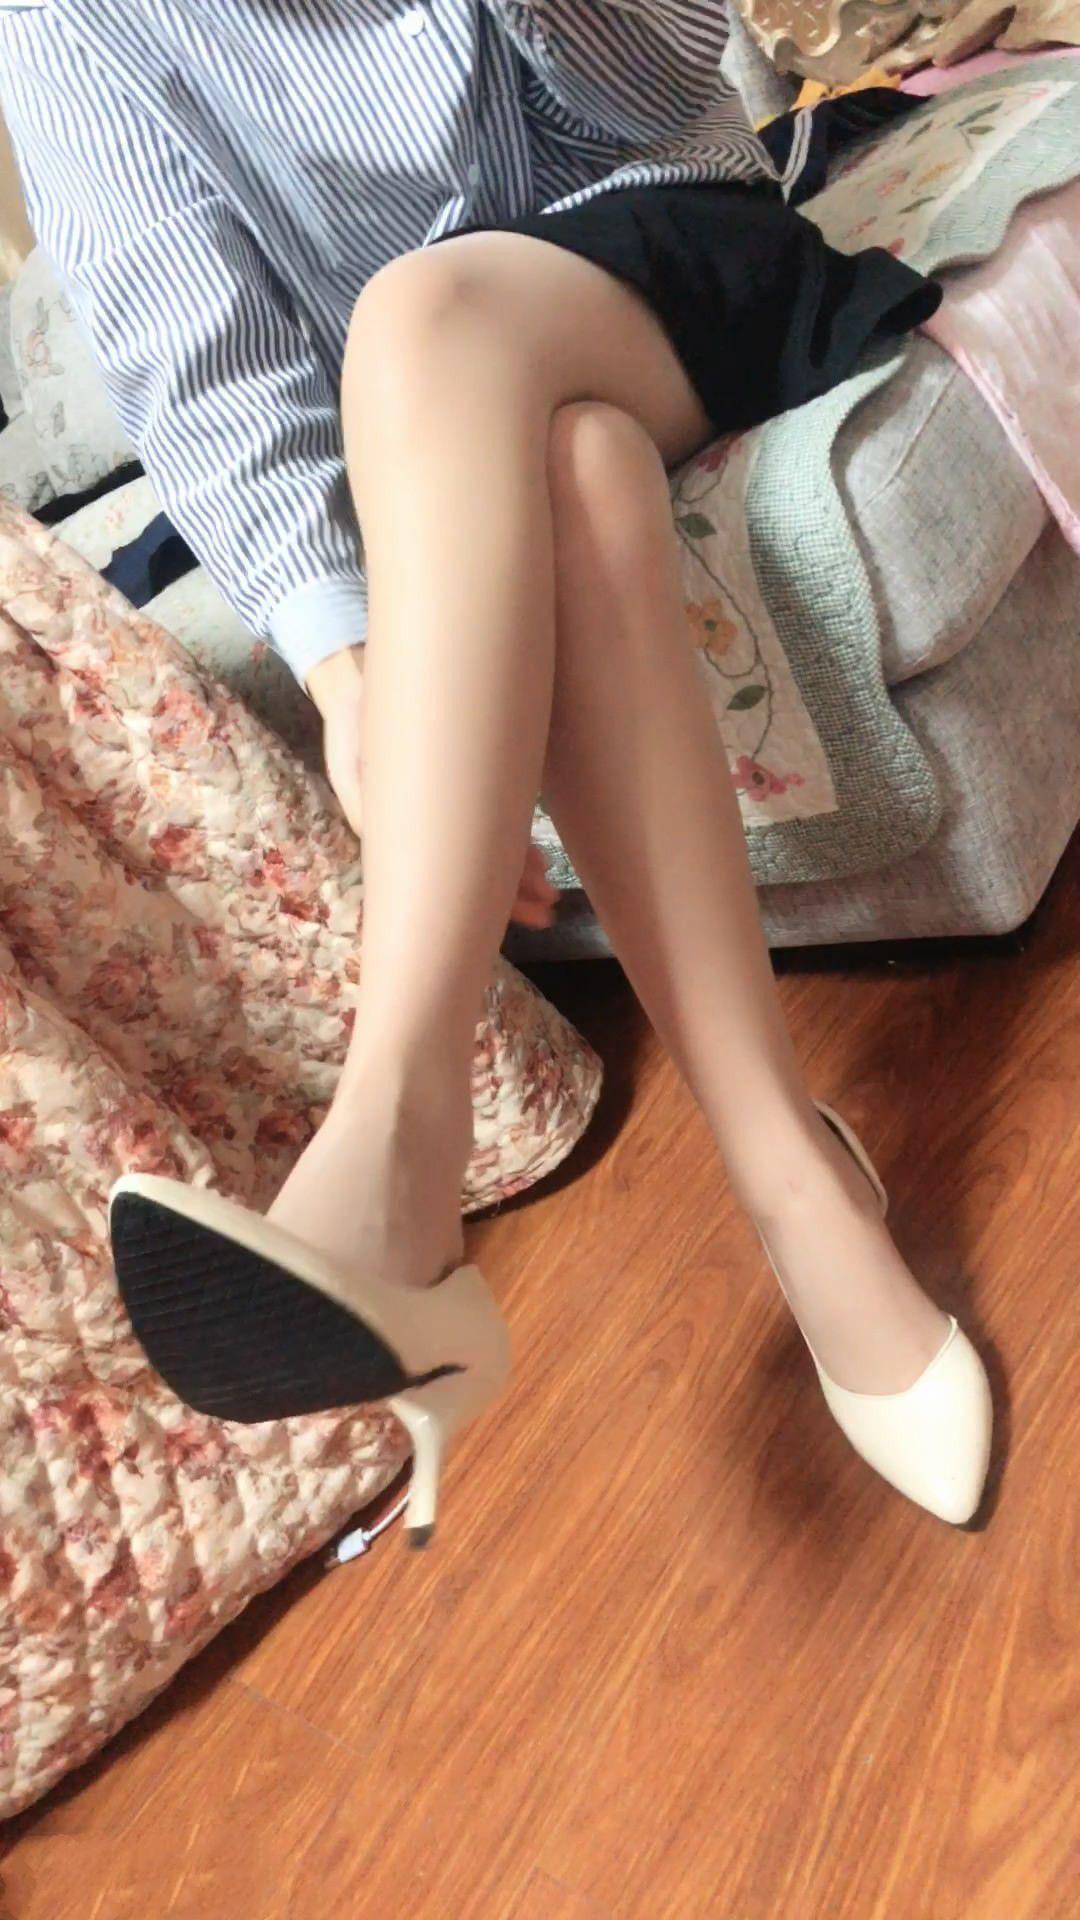 微博萌妹子福利姬@船袜小兔 – 白色高跟挑鞋肉丝臭脚诱惑粗口 (1V)